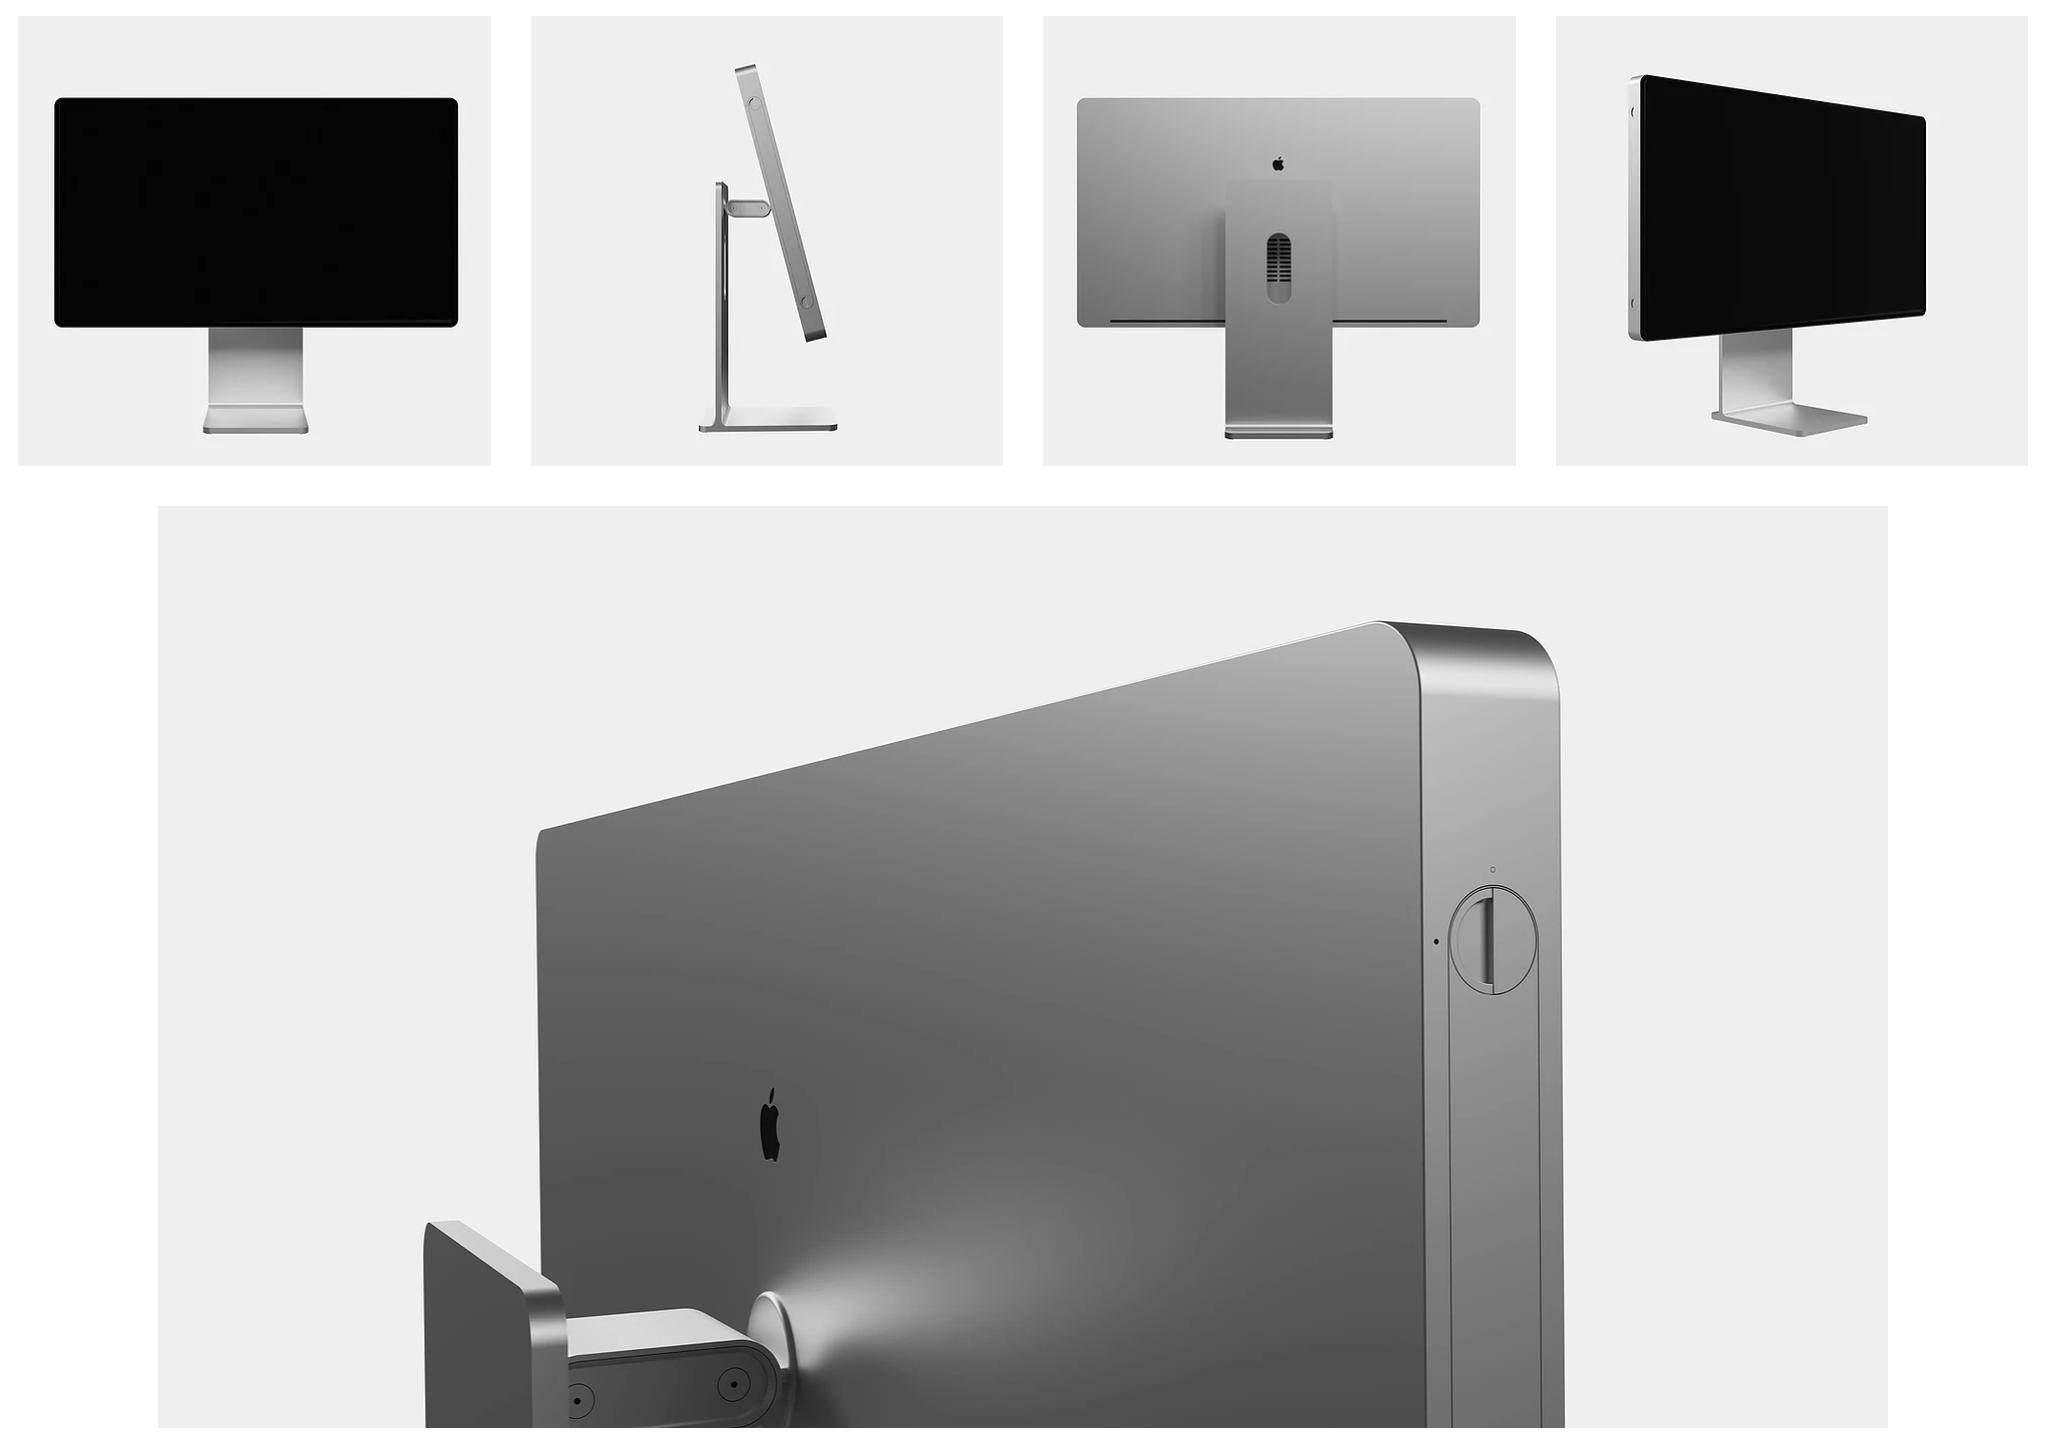 这个概念说明了Apple如何将Pro Display XDR转变为iMac Pro